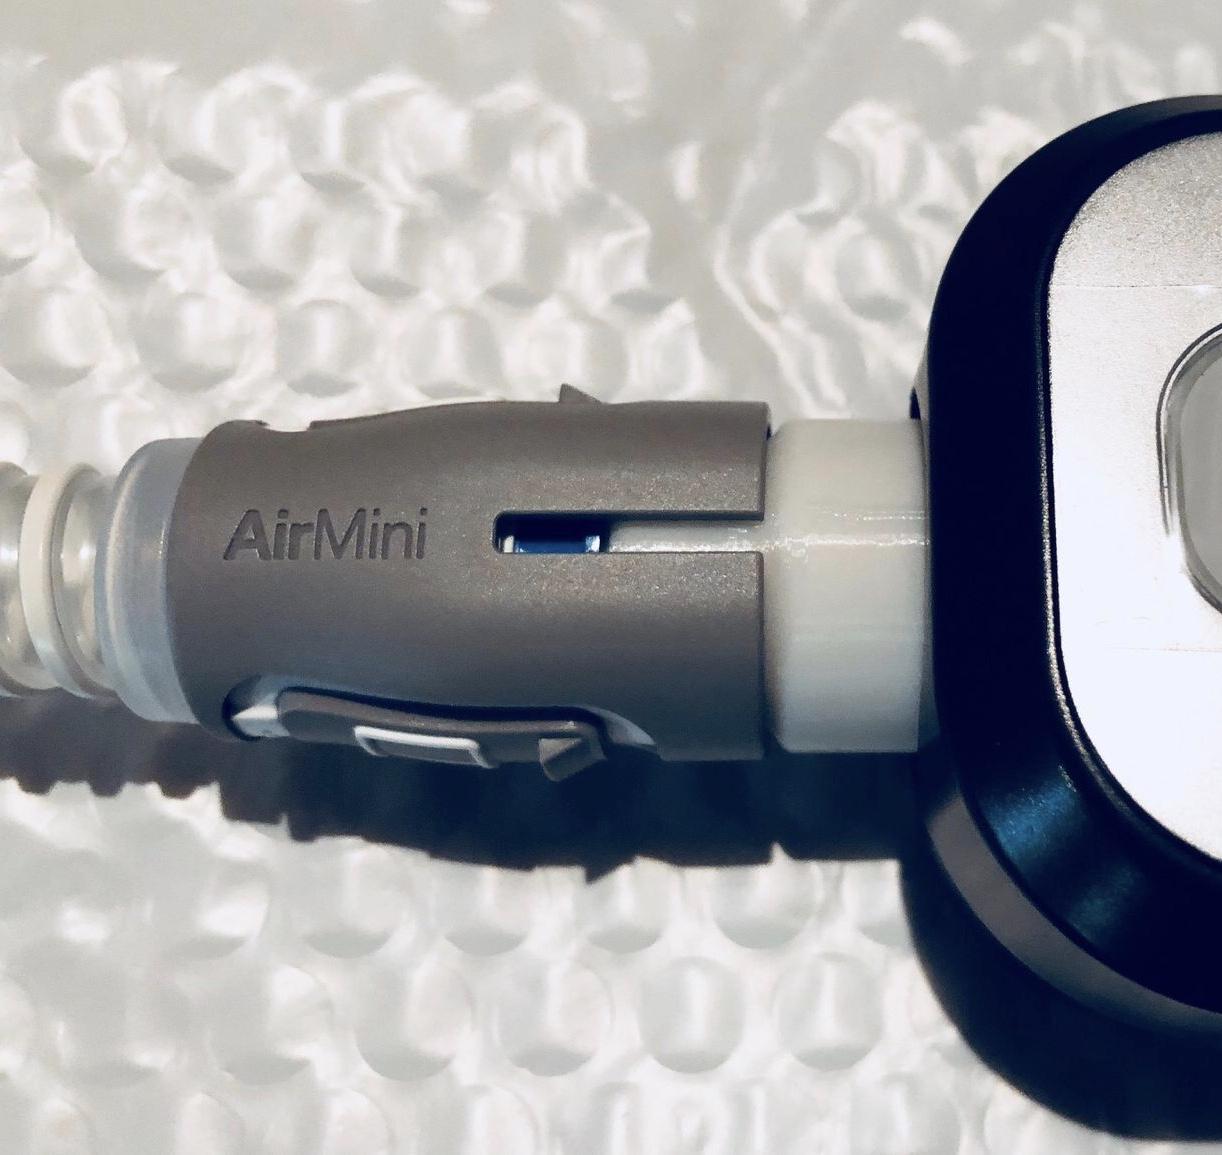 Rescomf Cpap Cleaner Resmed Airmini Adapter Cpap Sleepcare